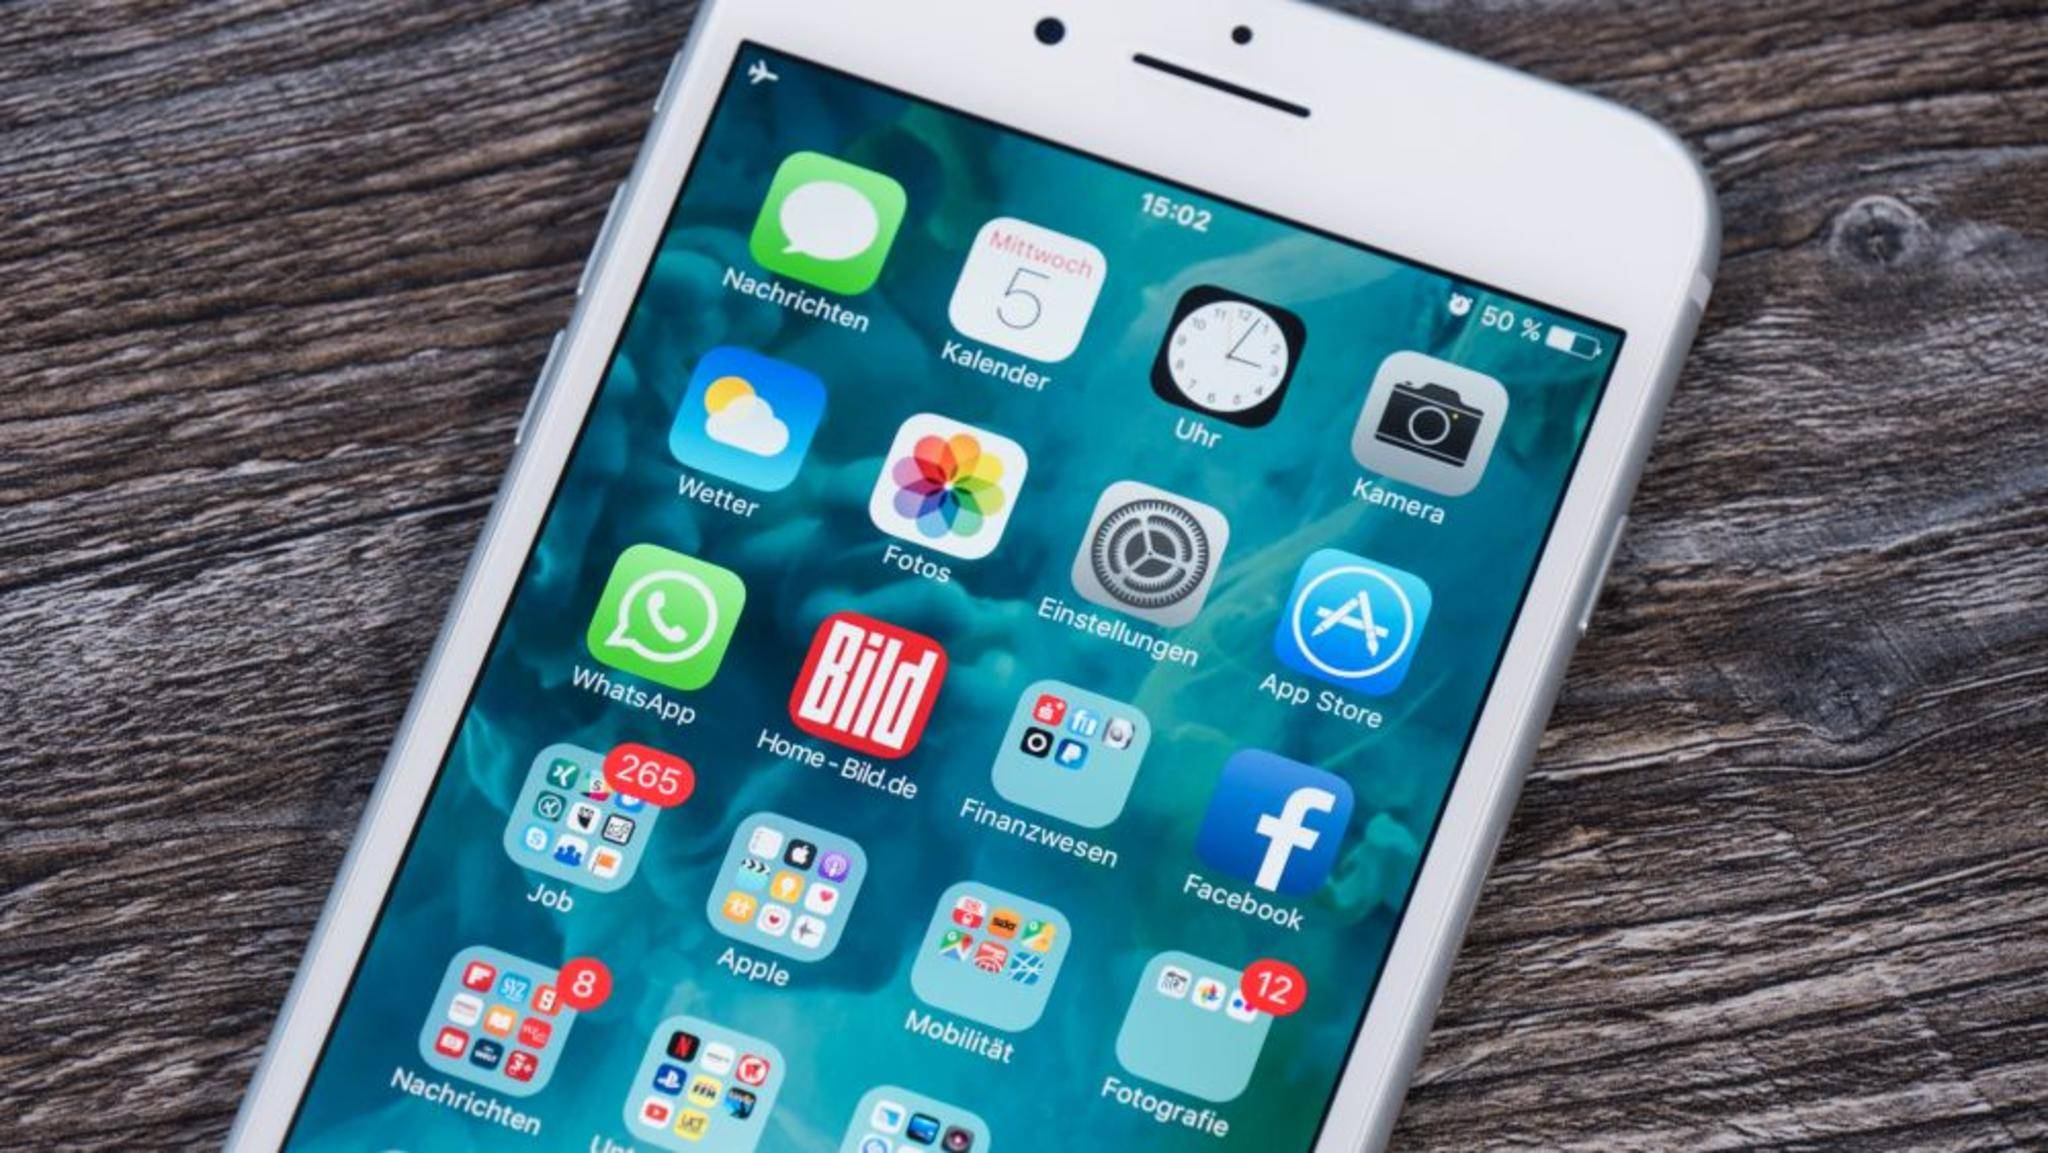 Einen Screenshot mit einem iPhone 7 Plus zu machen, ist kinderleicht.